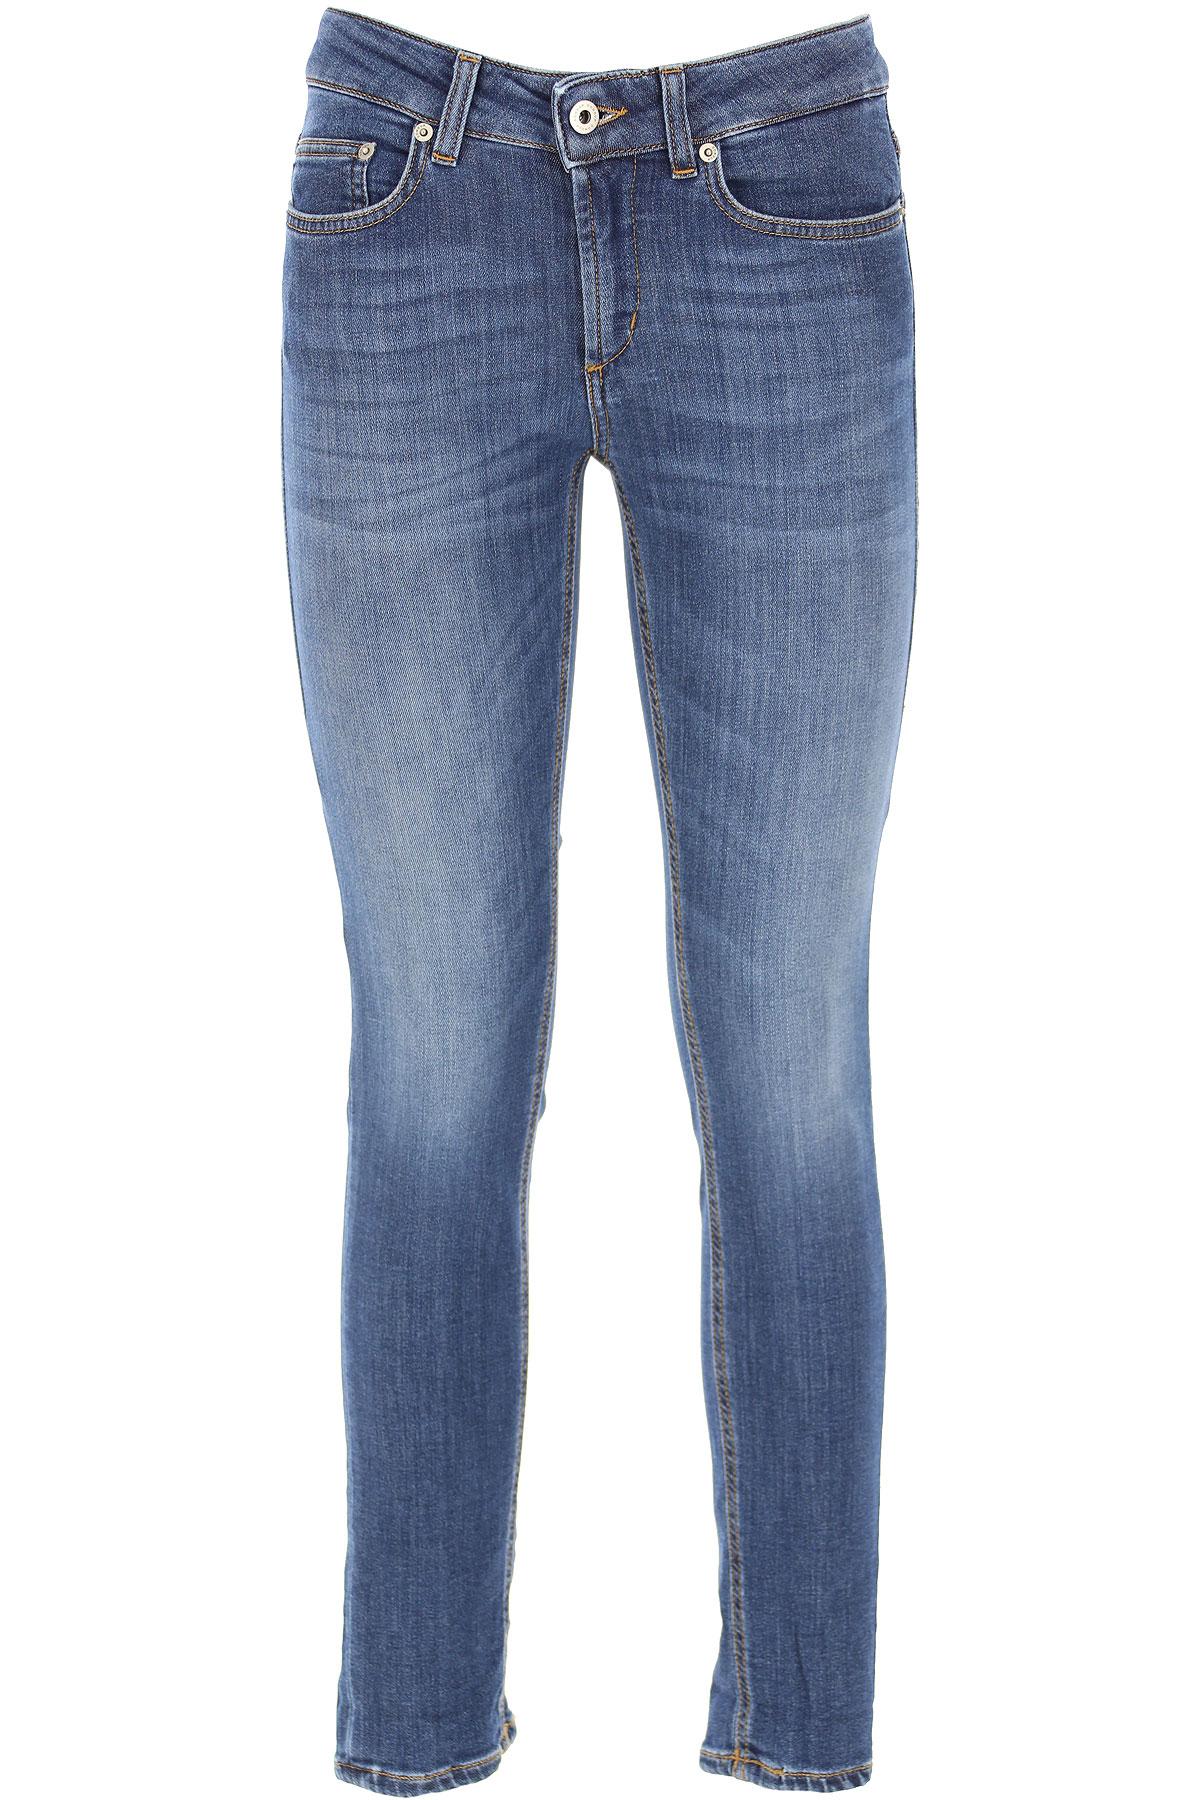 Dondup Jeans, Blue Denim, Cotton, 2019, 27 28 29 30 31 32